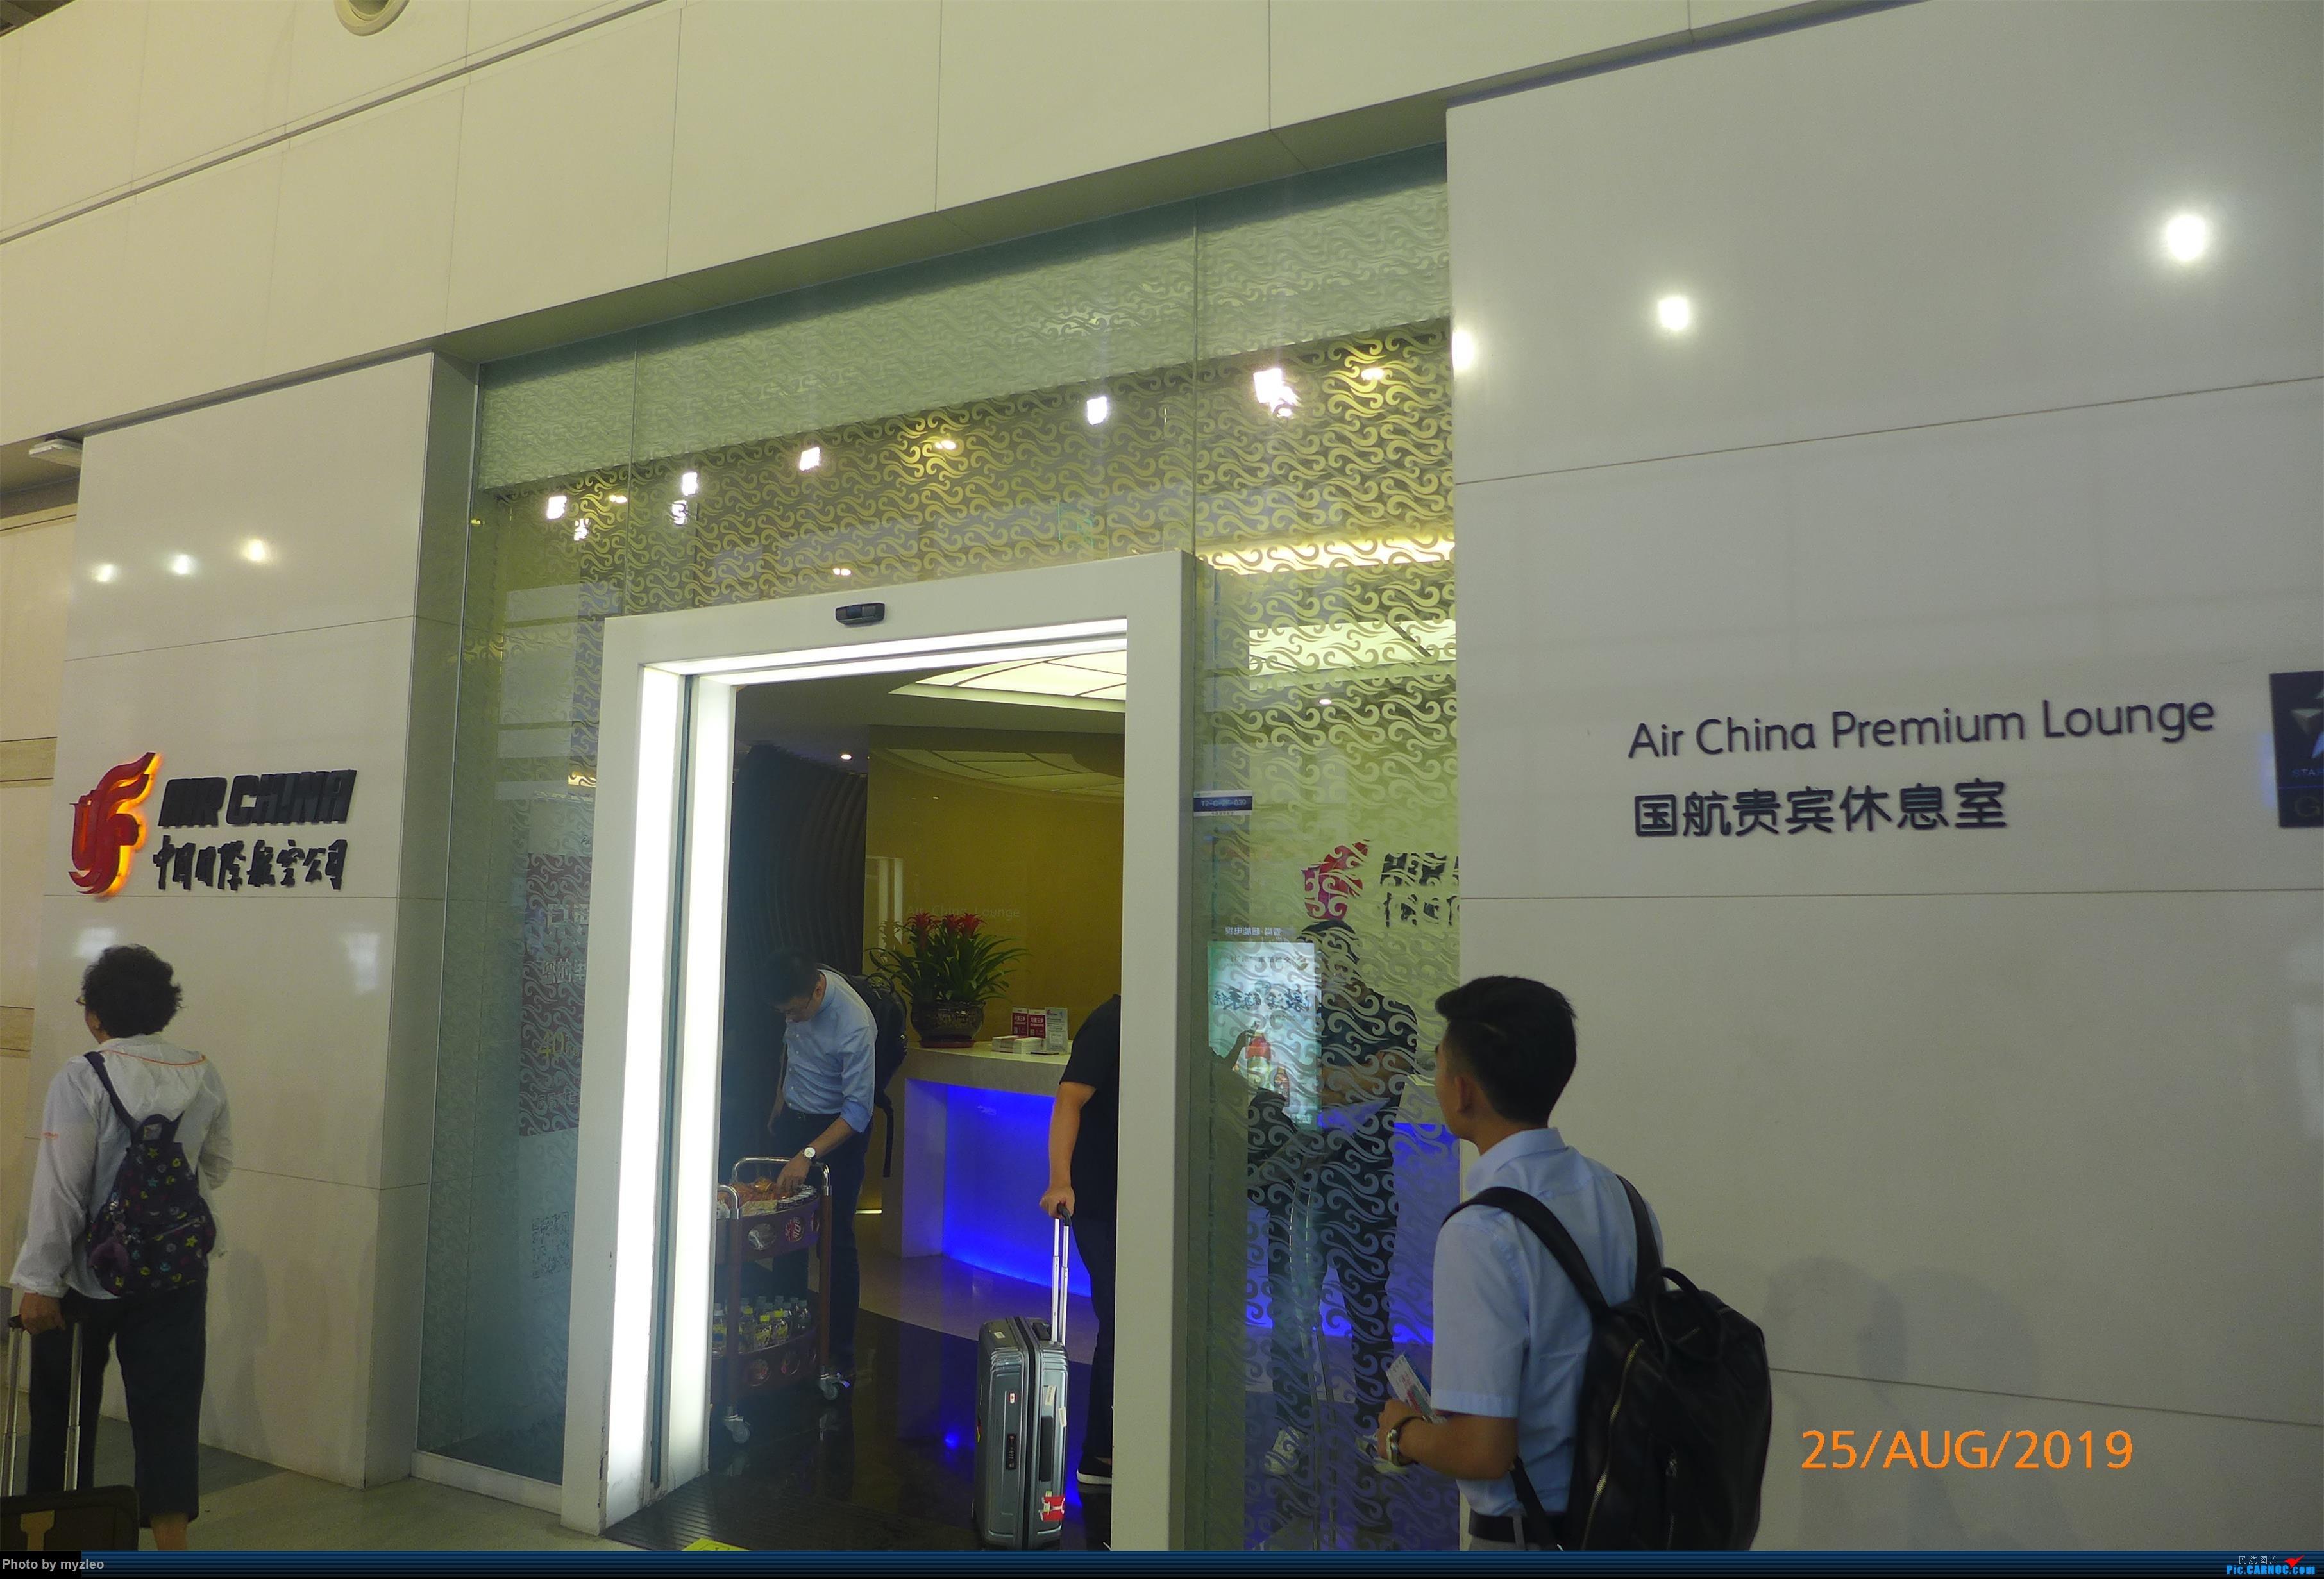 Re:[原创]【myzleo的游记5.3】在大连各景点穿梭不停,坐东航319返回上海 AIRBUS A319-100 B-6439 中国大连国际机场 中国大连国际机场